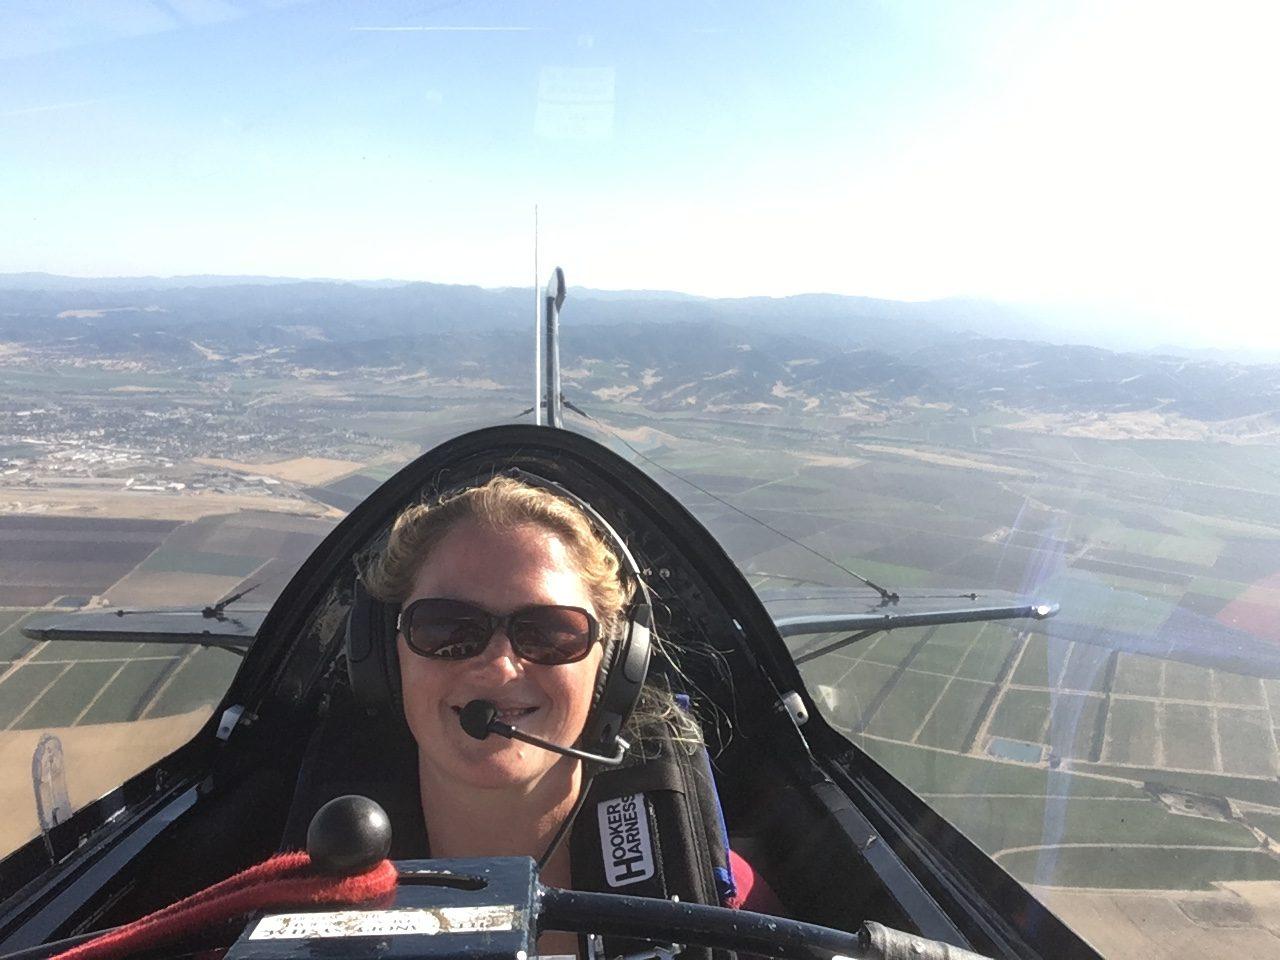 Pitts, aerobatics, jen watson